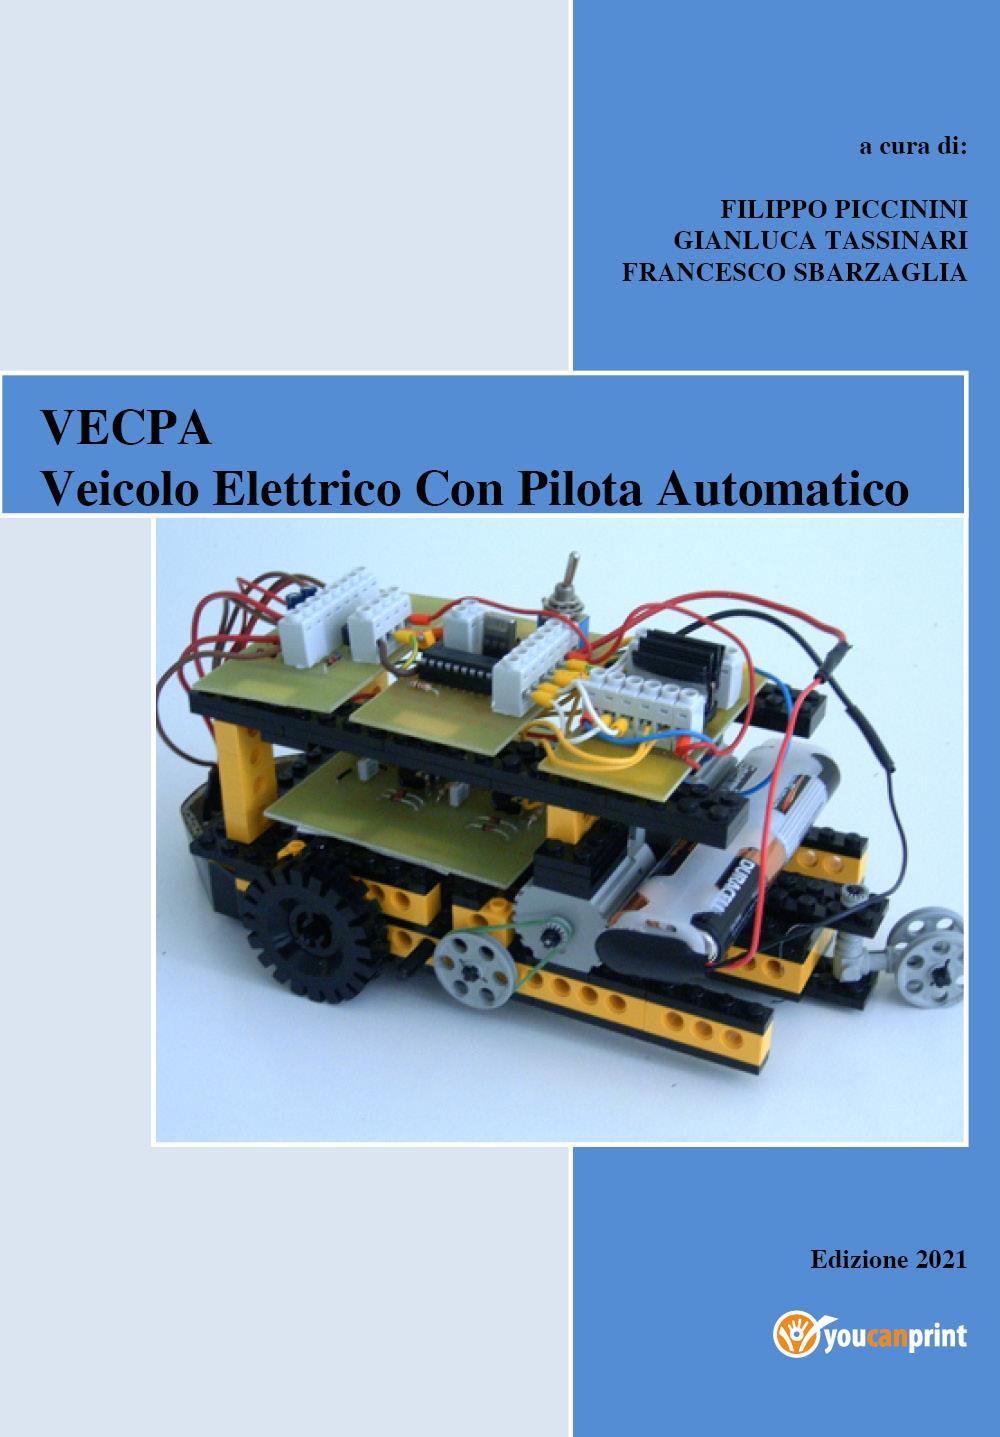 VECPA - Veicolo Elettrico Con Pilota Automatico